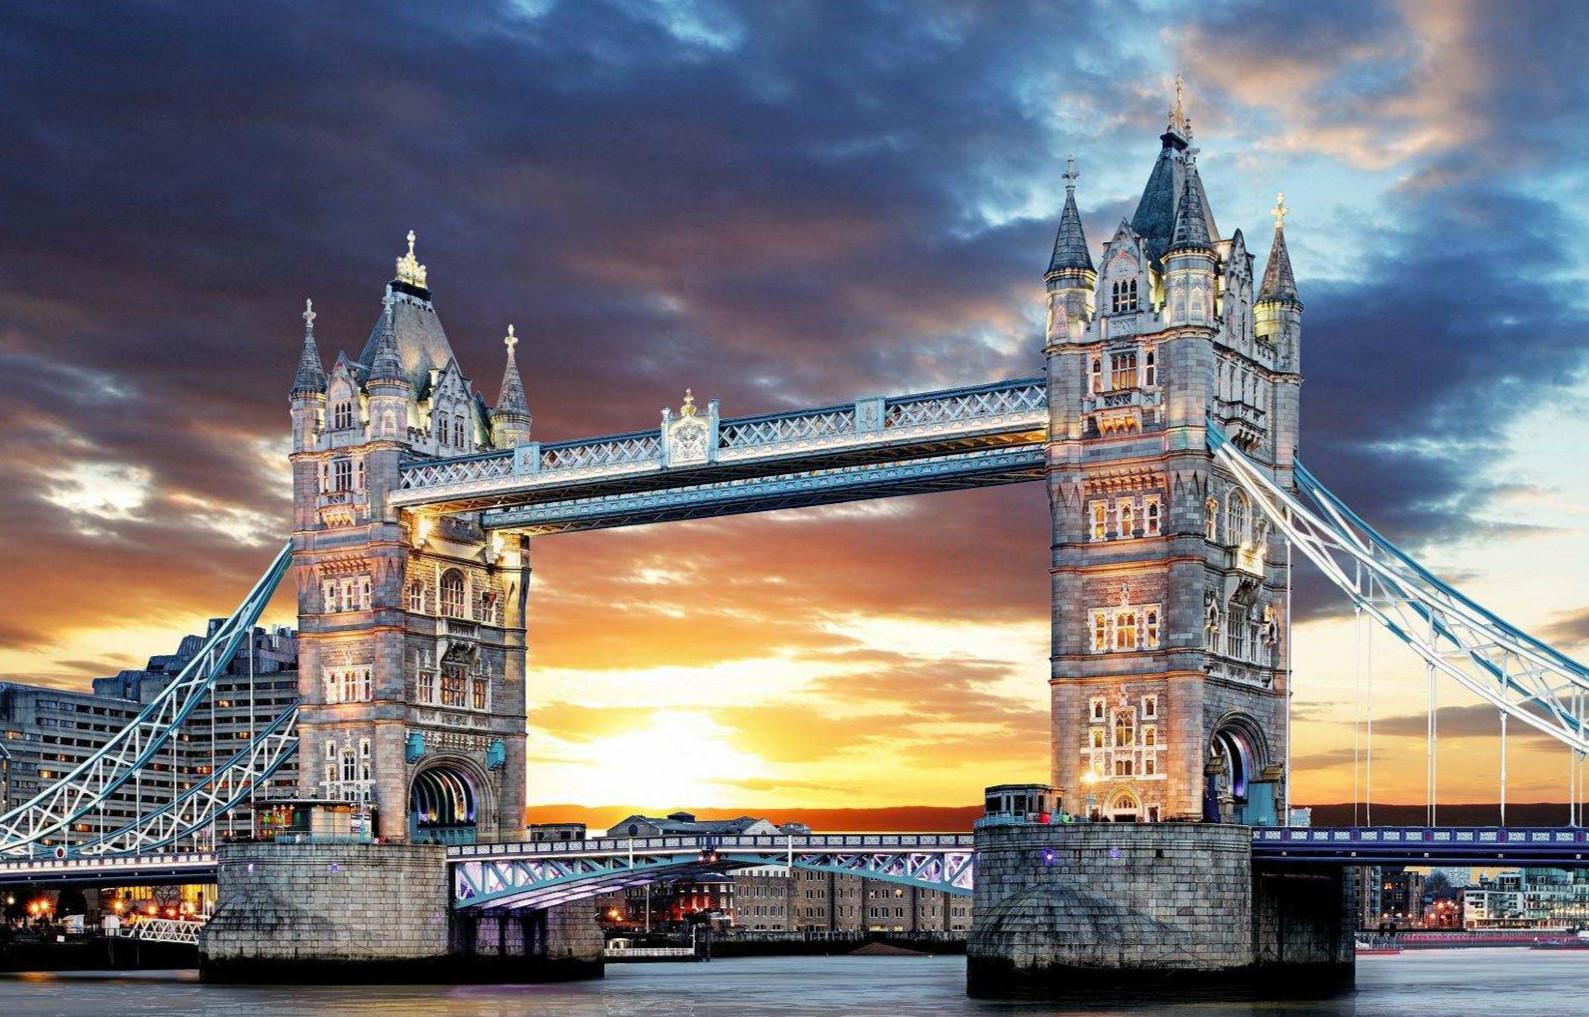 英国艺术文化部门将获得政府约20亿美元的救助计划图片